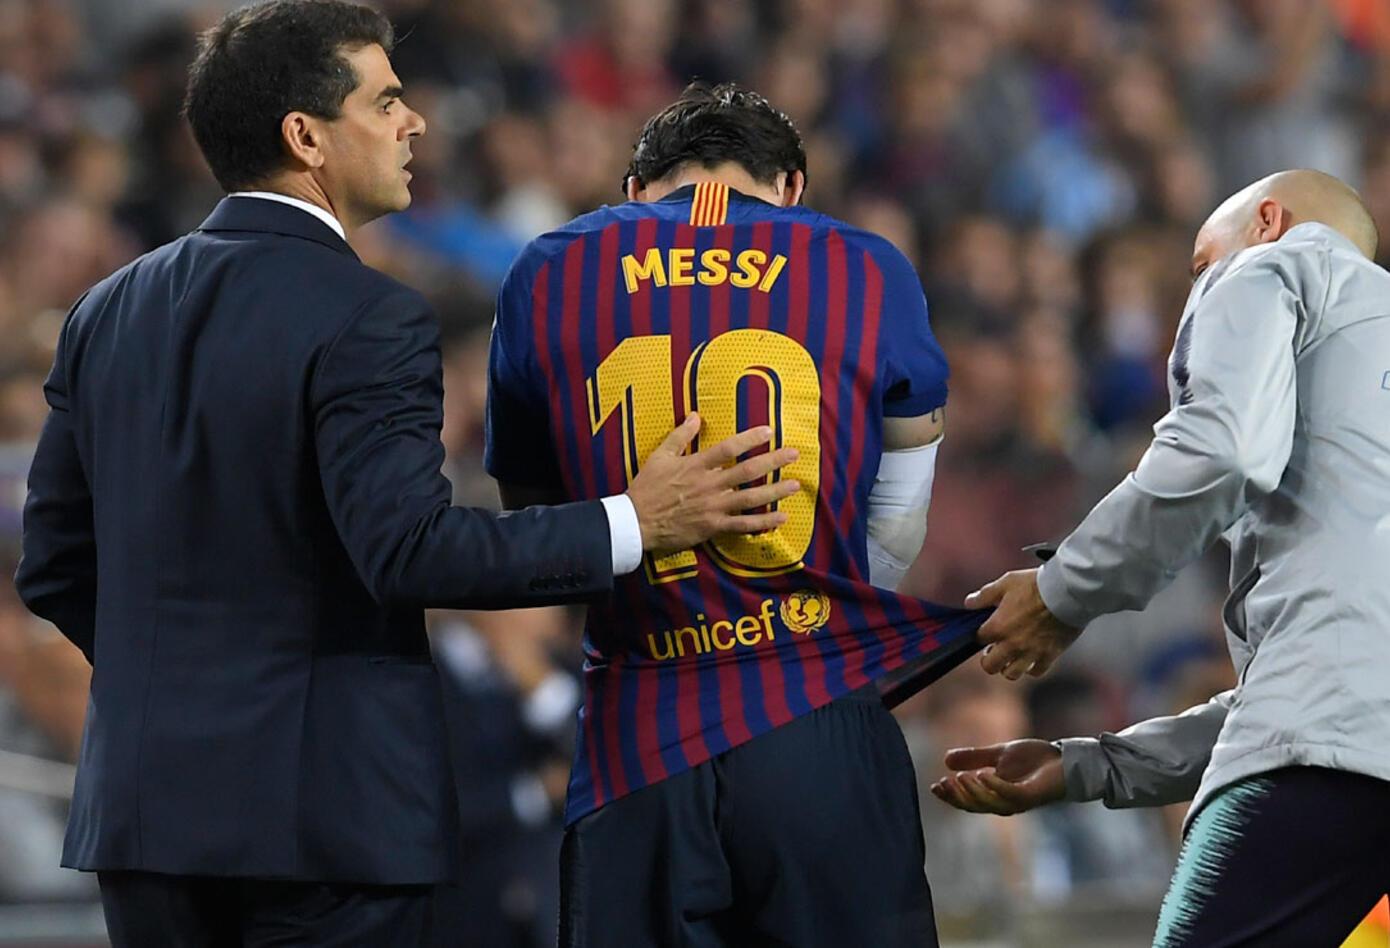 Messi y su fastidio por la lesión sufrida en el partido donde Barcelona recibió al Sevilla